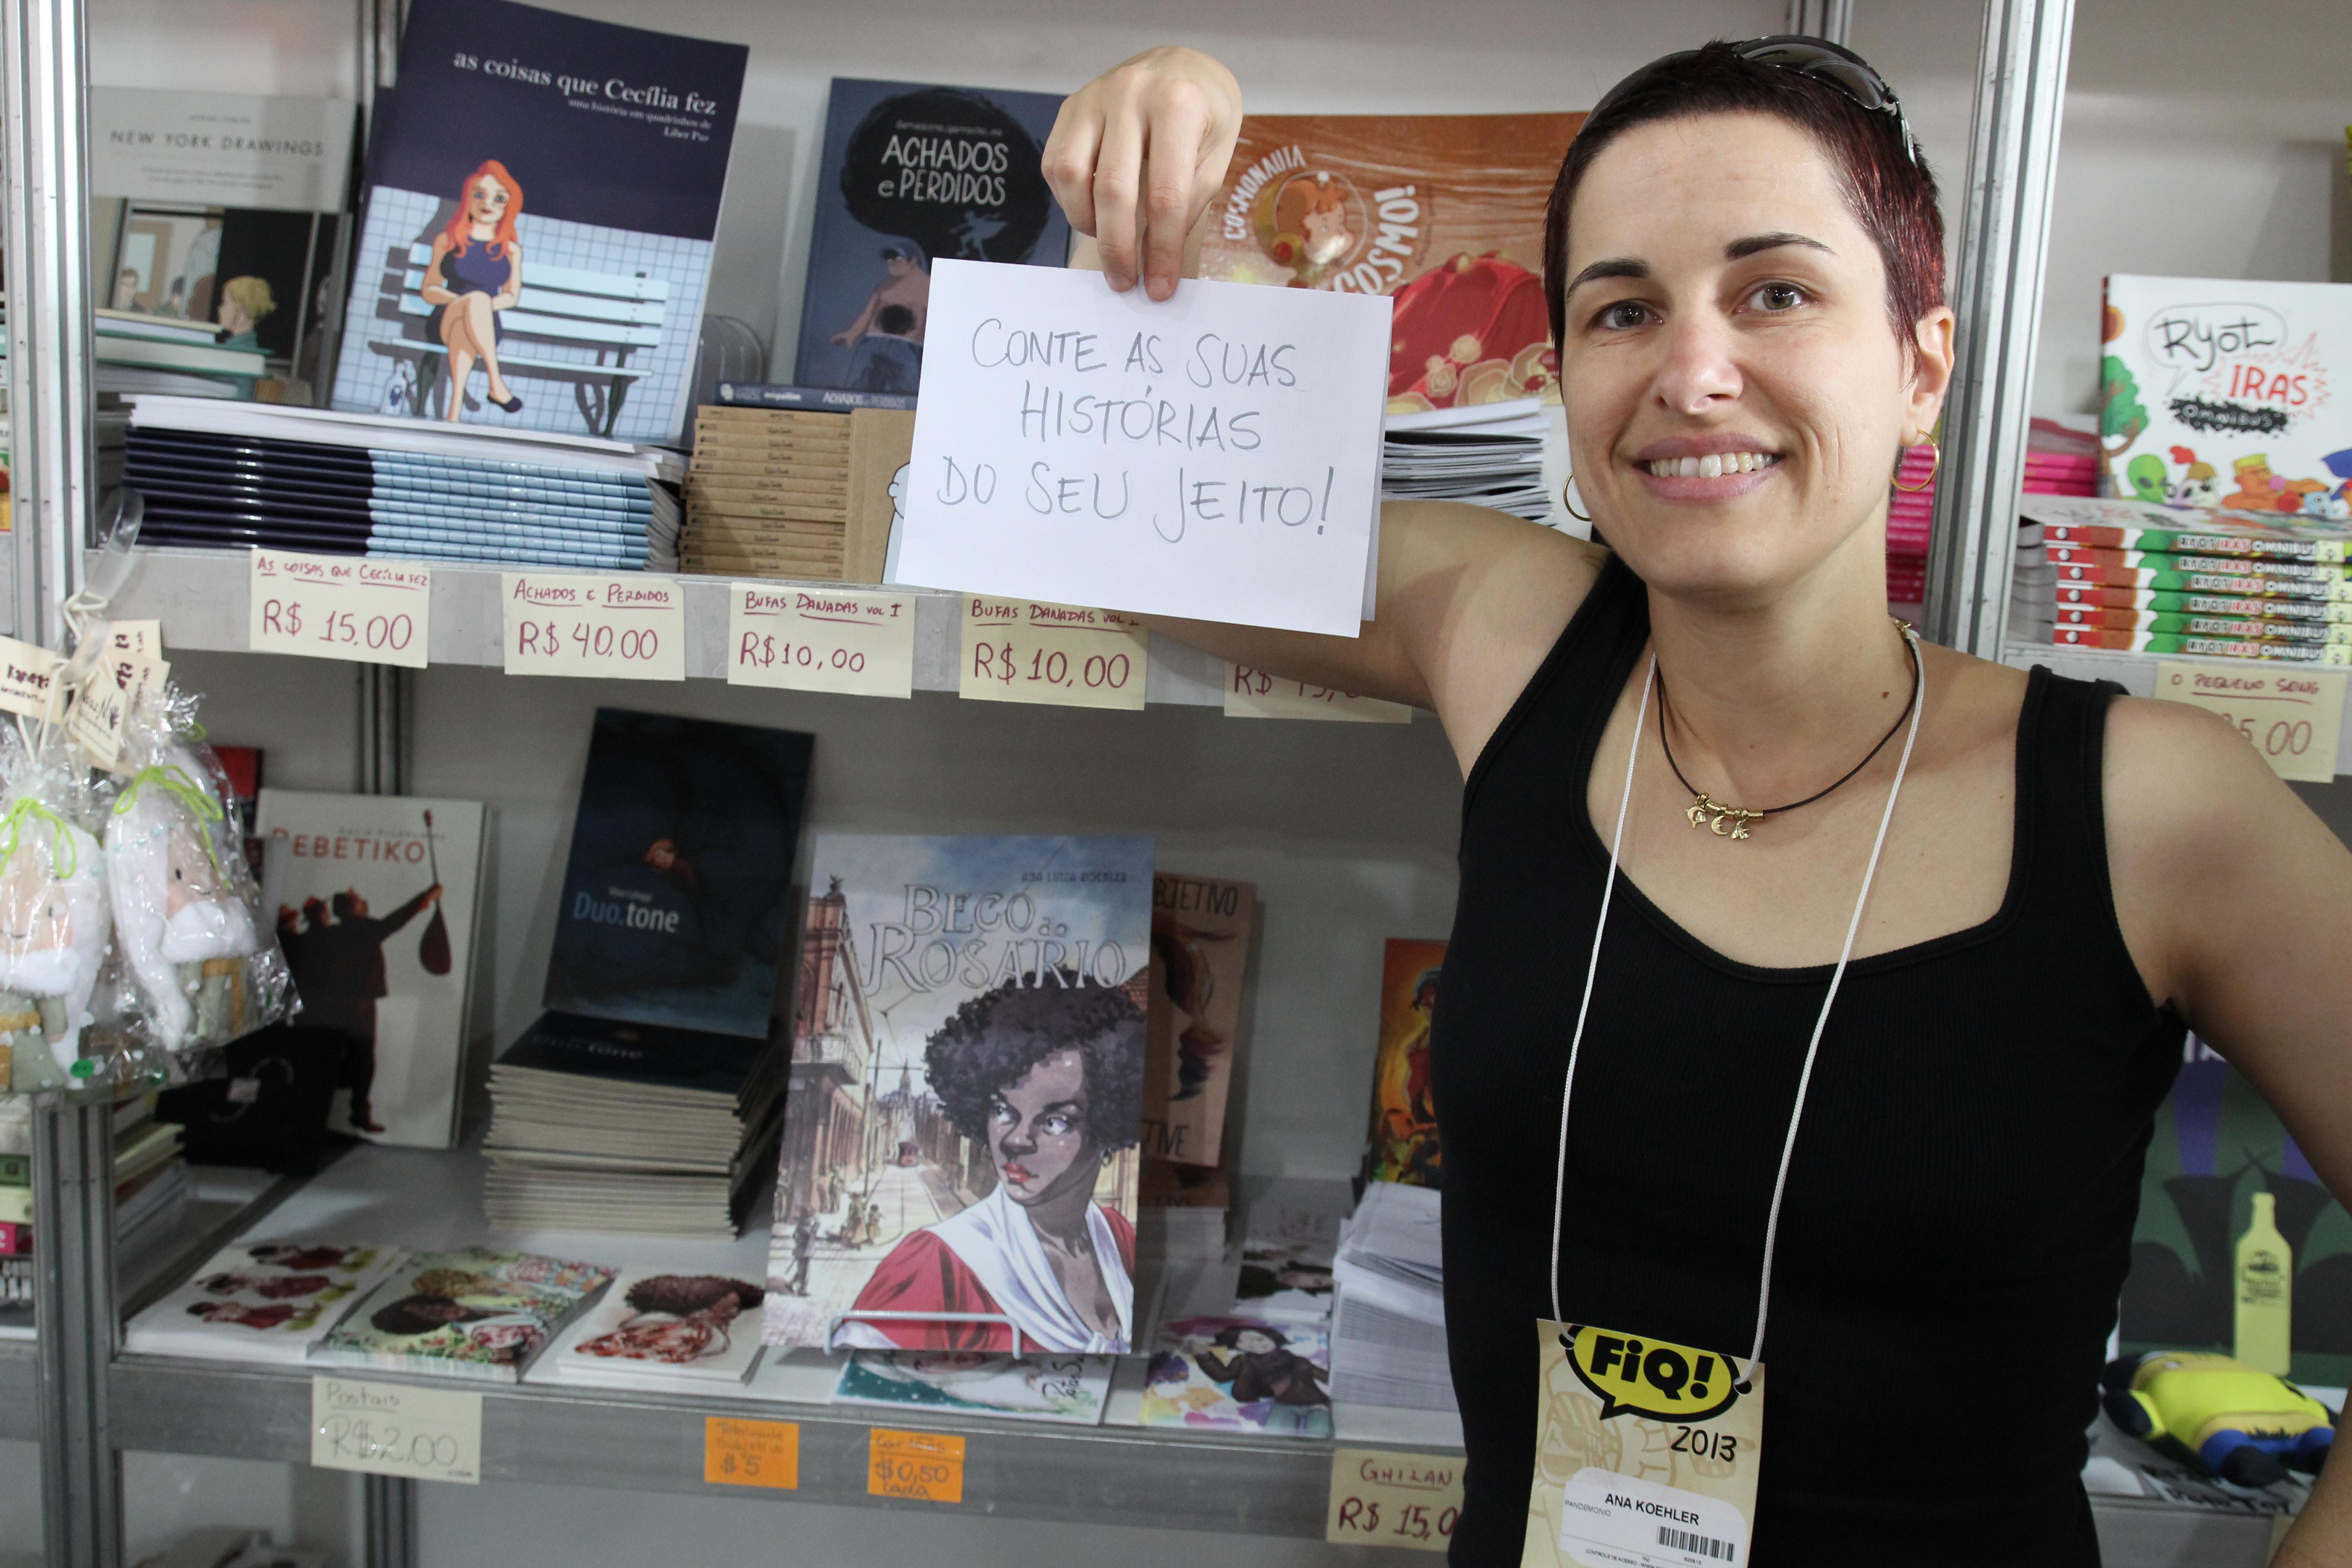 Ana Luiza da dica para quem quer começar a fazer quadrinhos